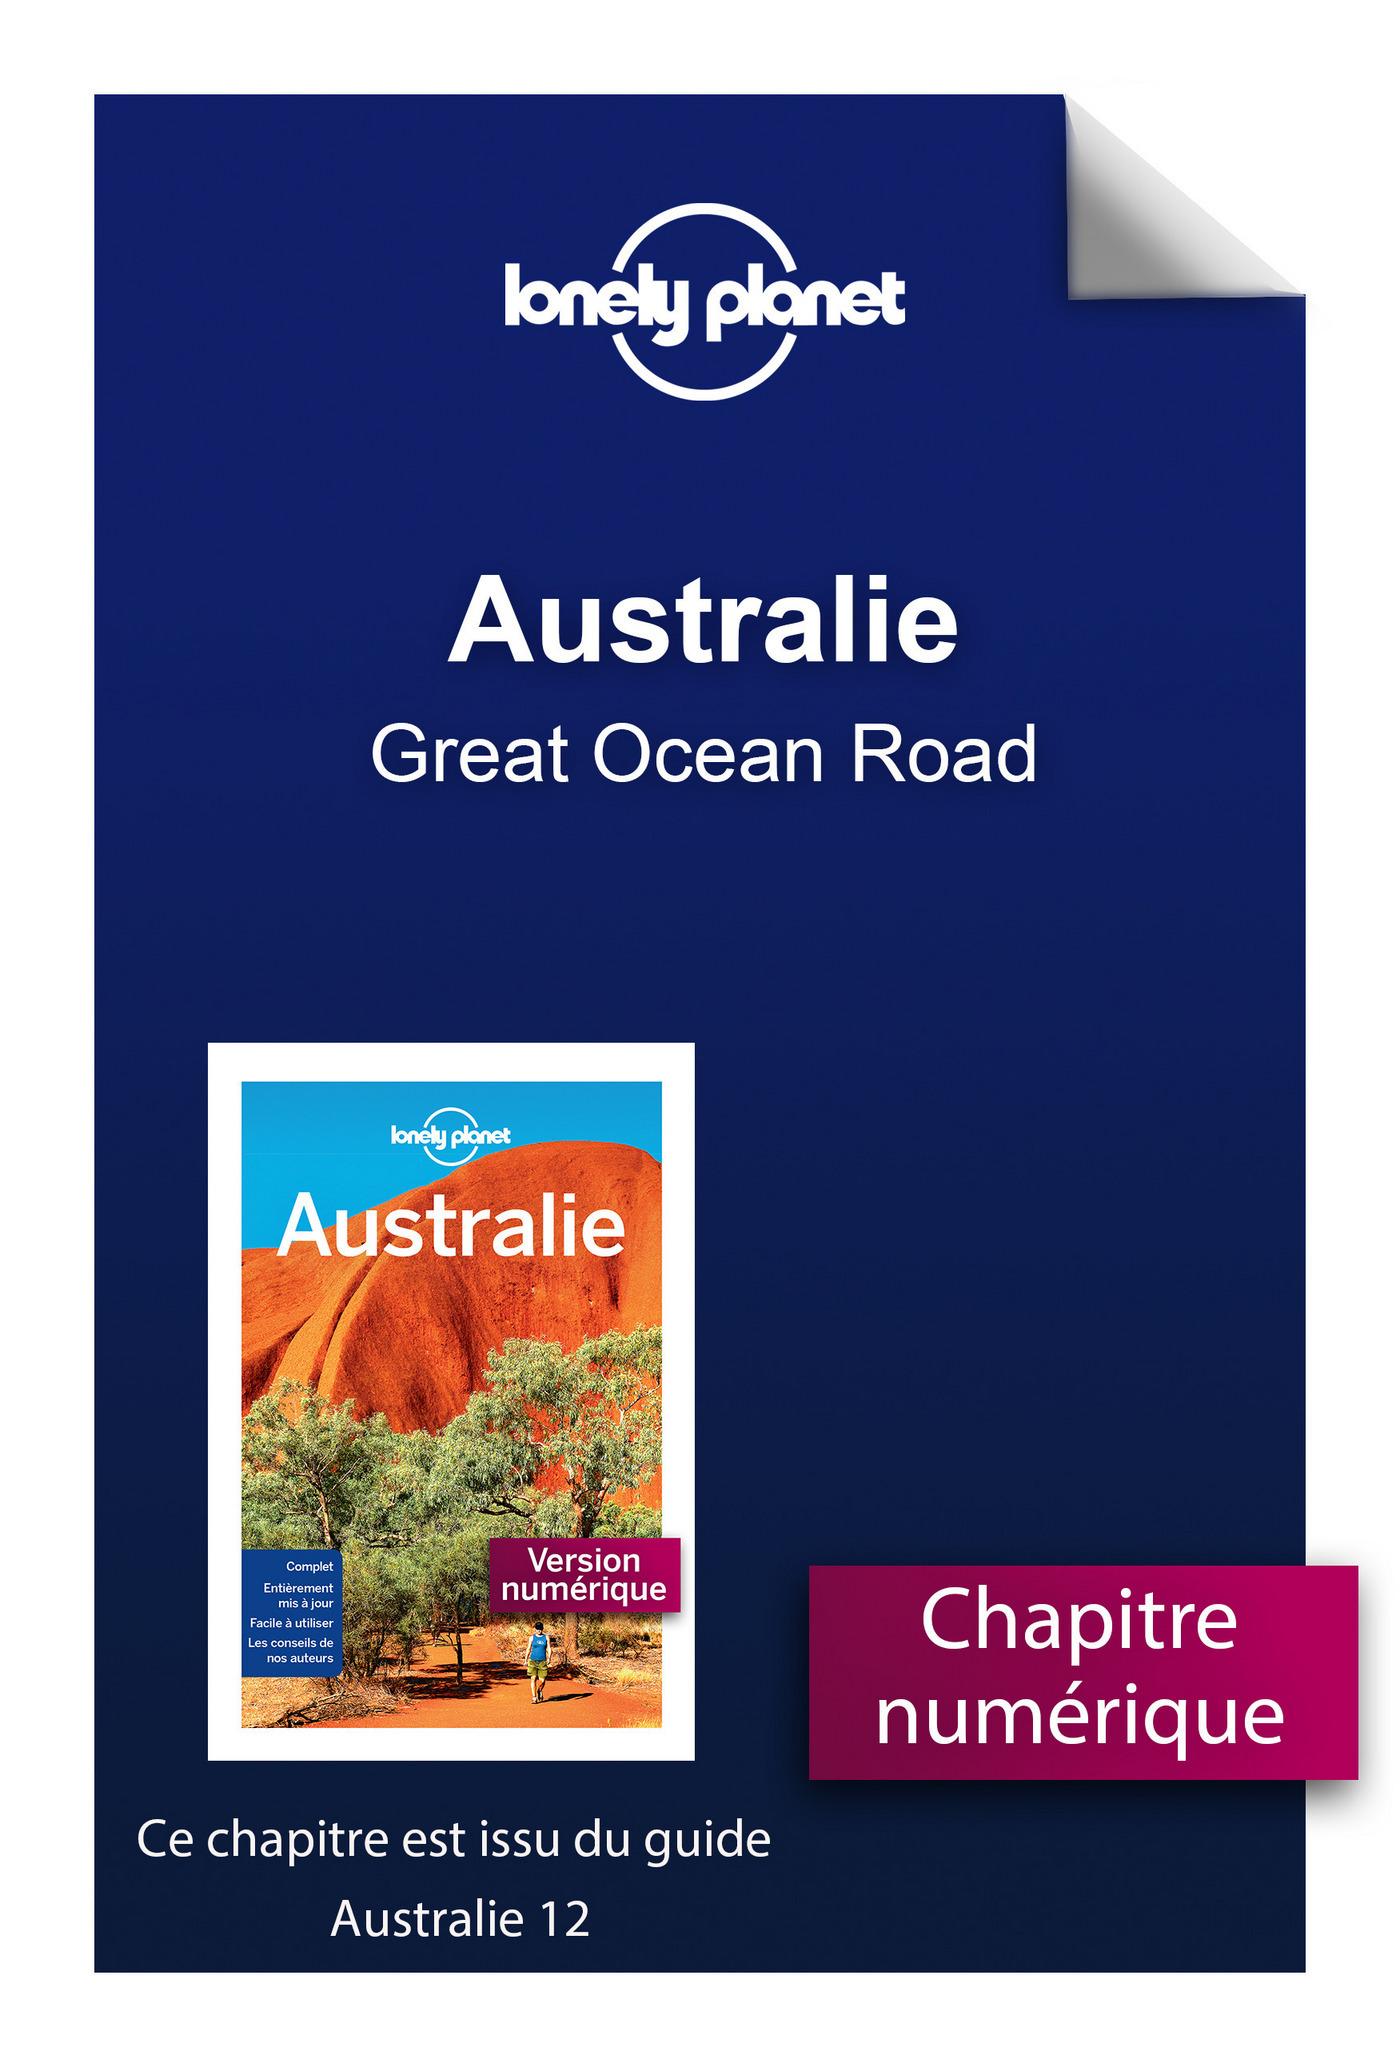 Australie - Great Ocean Road